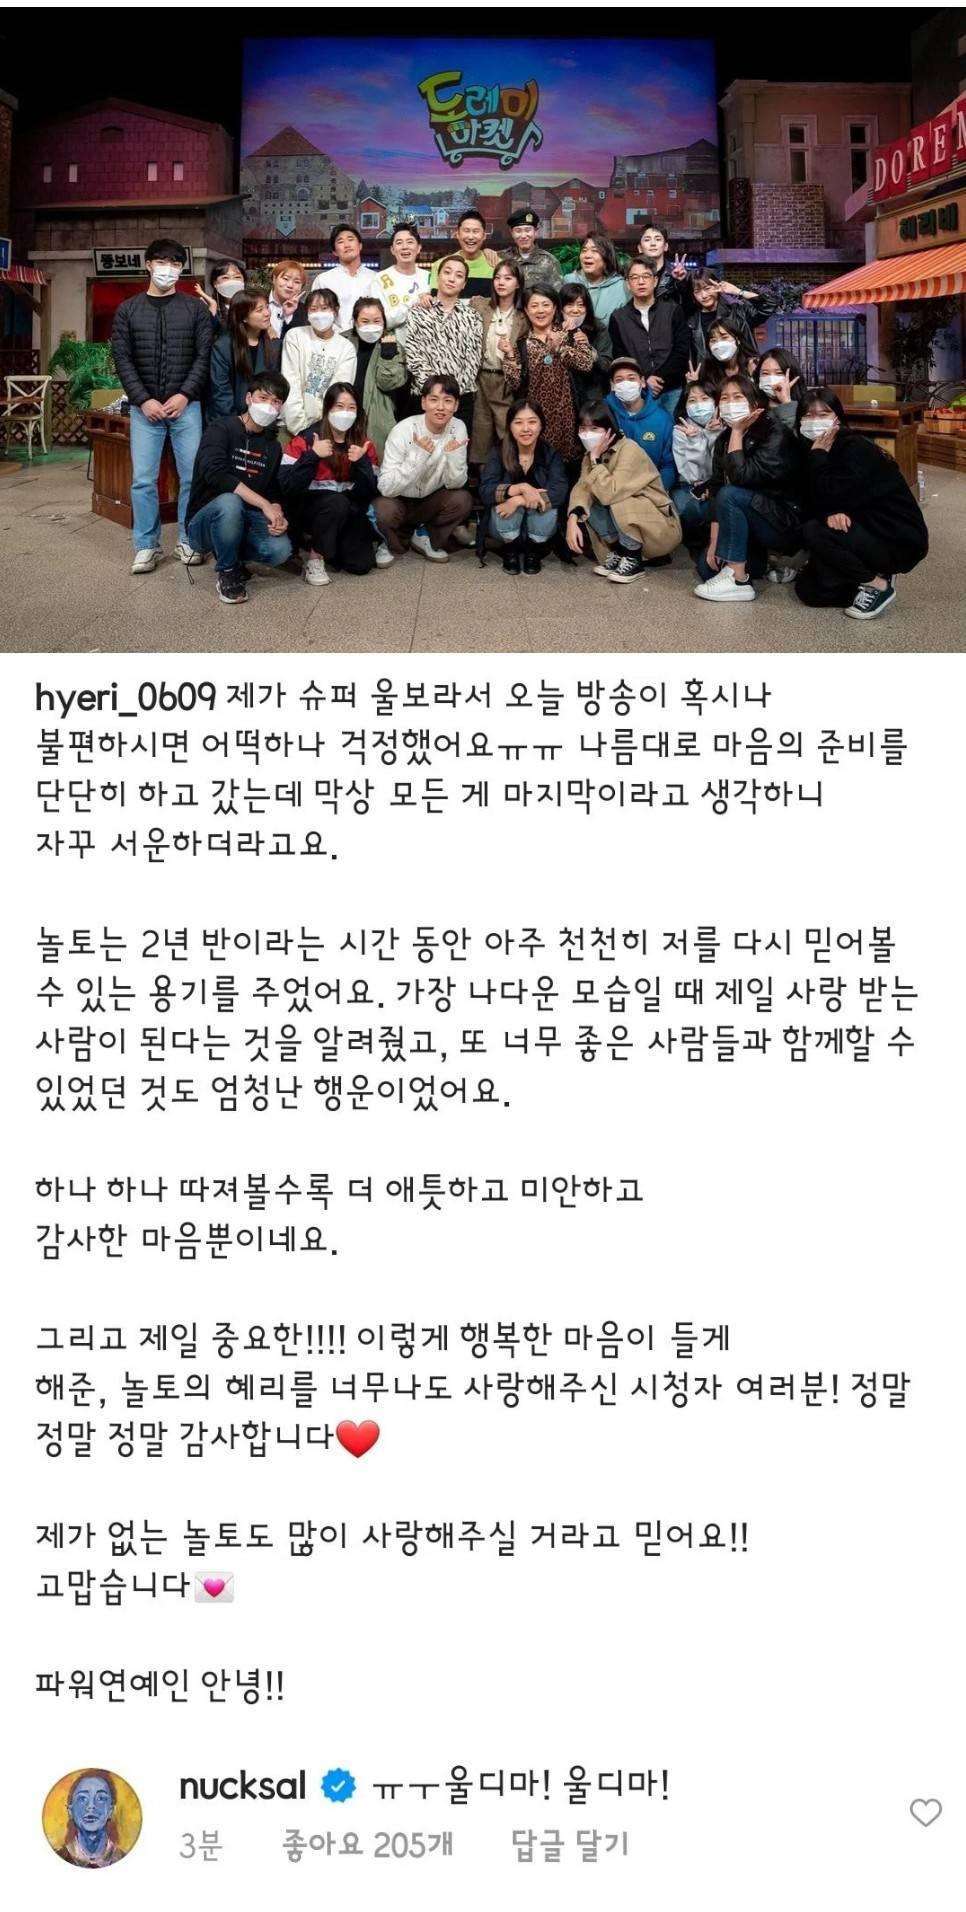 놀토 혜리 멤버들이랑 마지막 사진 | 인스티즈